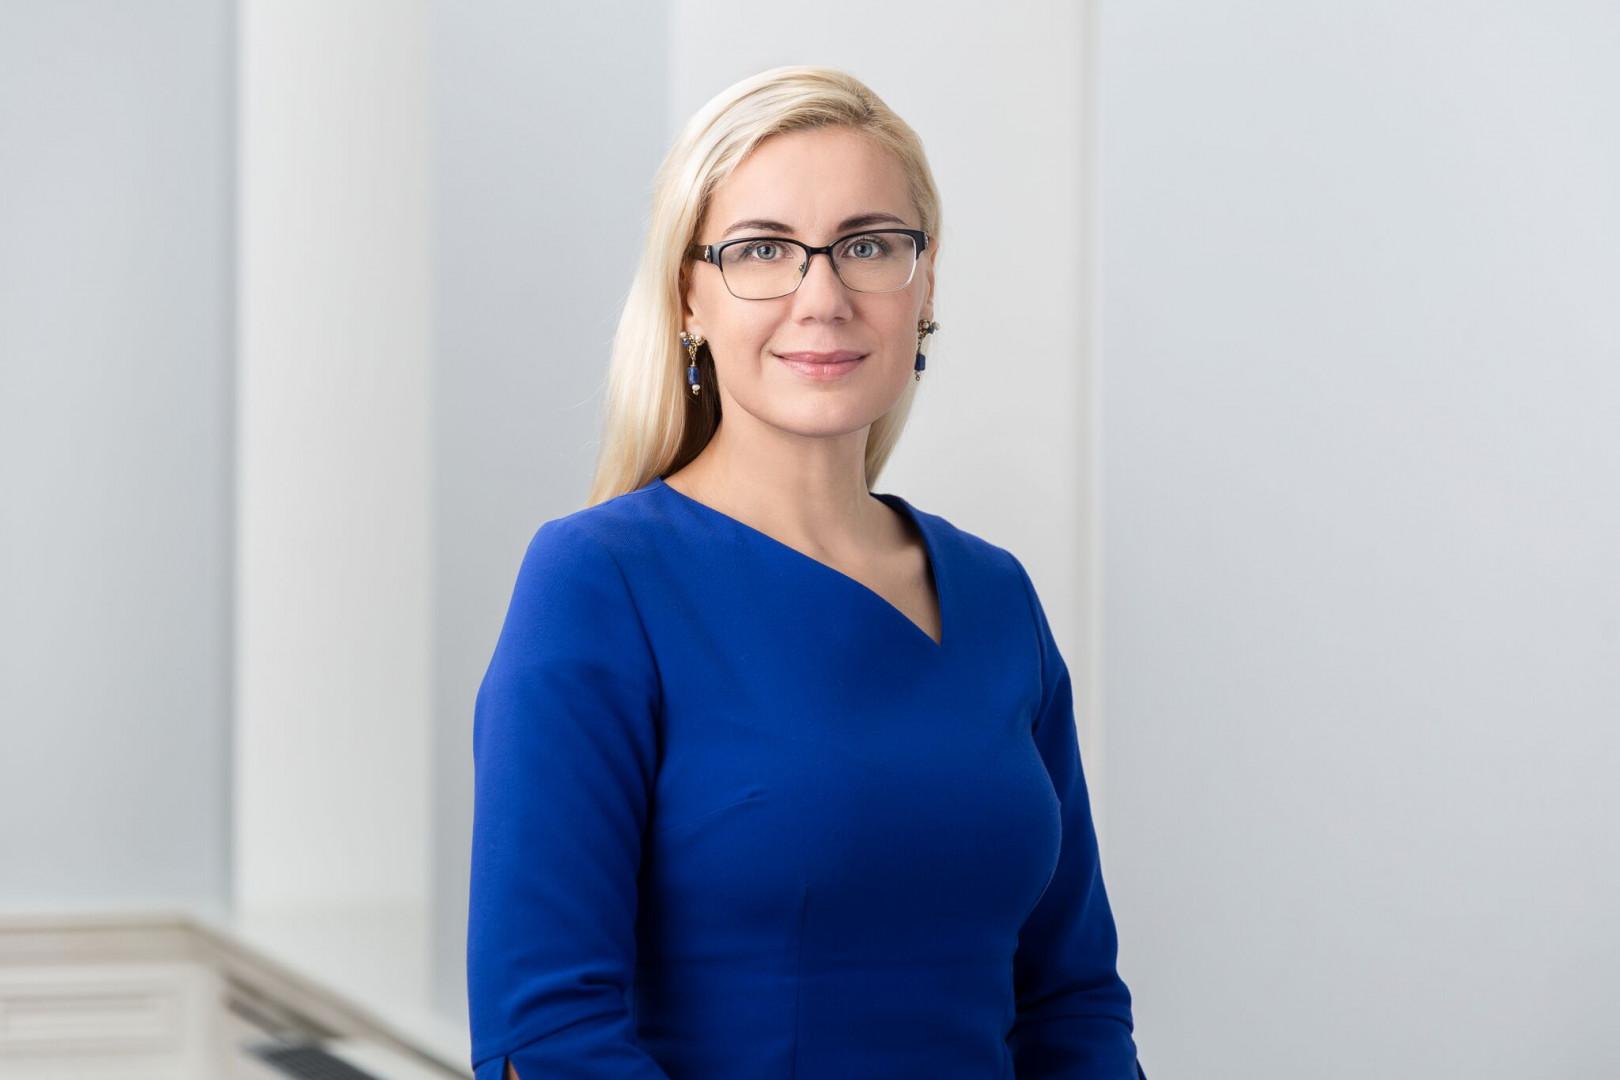 La centriste estonienne Kadri Simson obtient le portefeuille de l'énergie